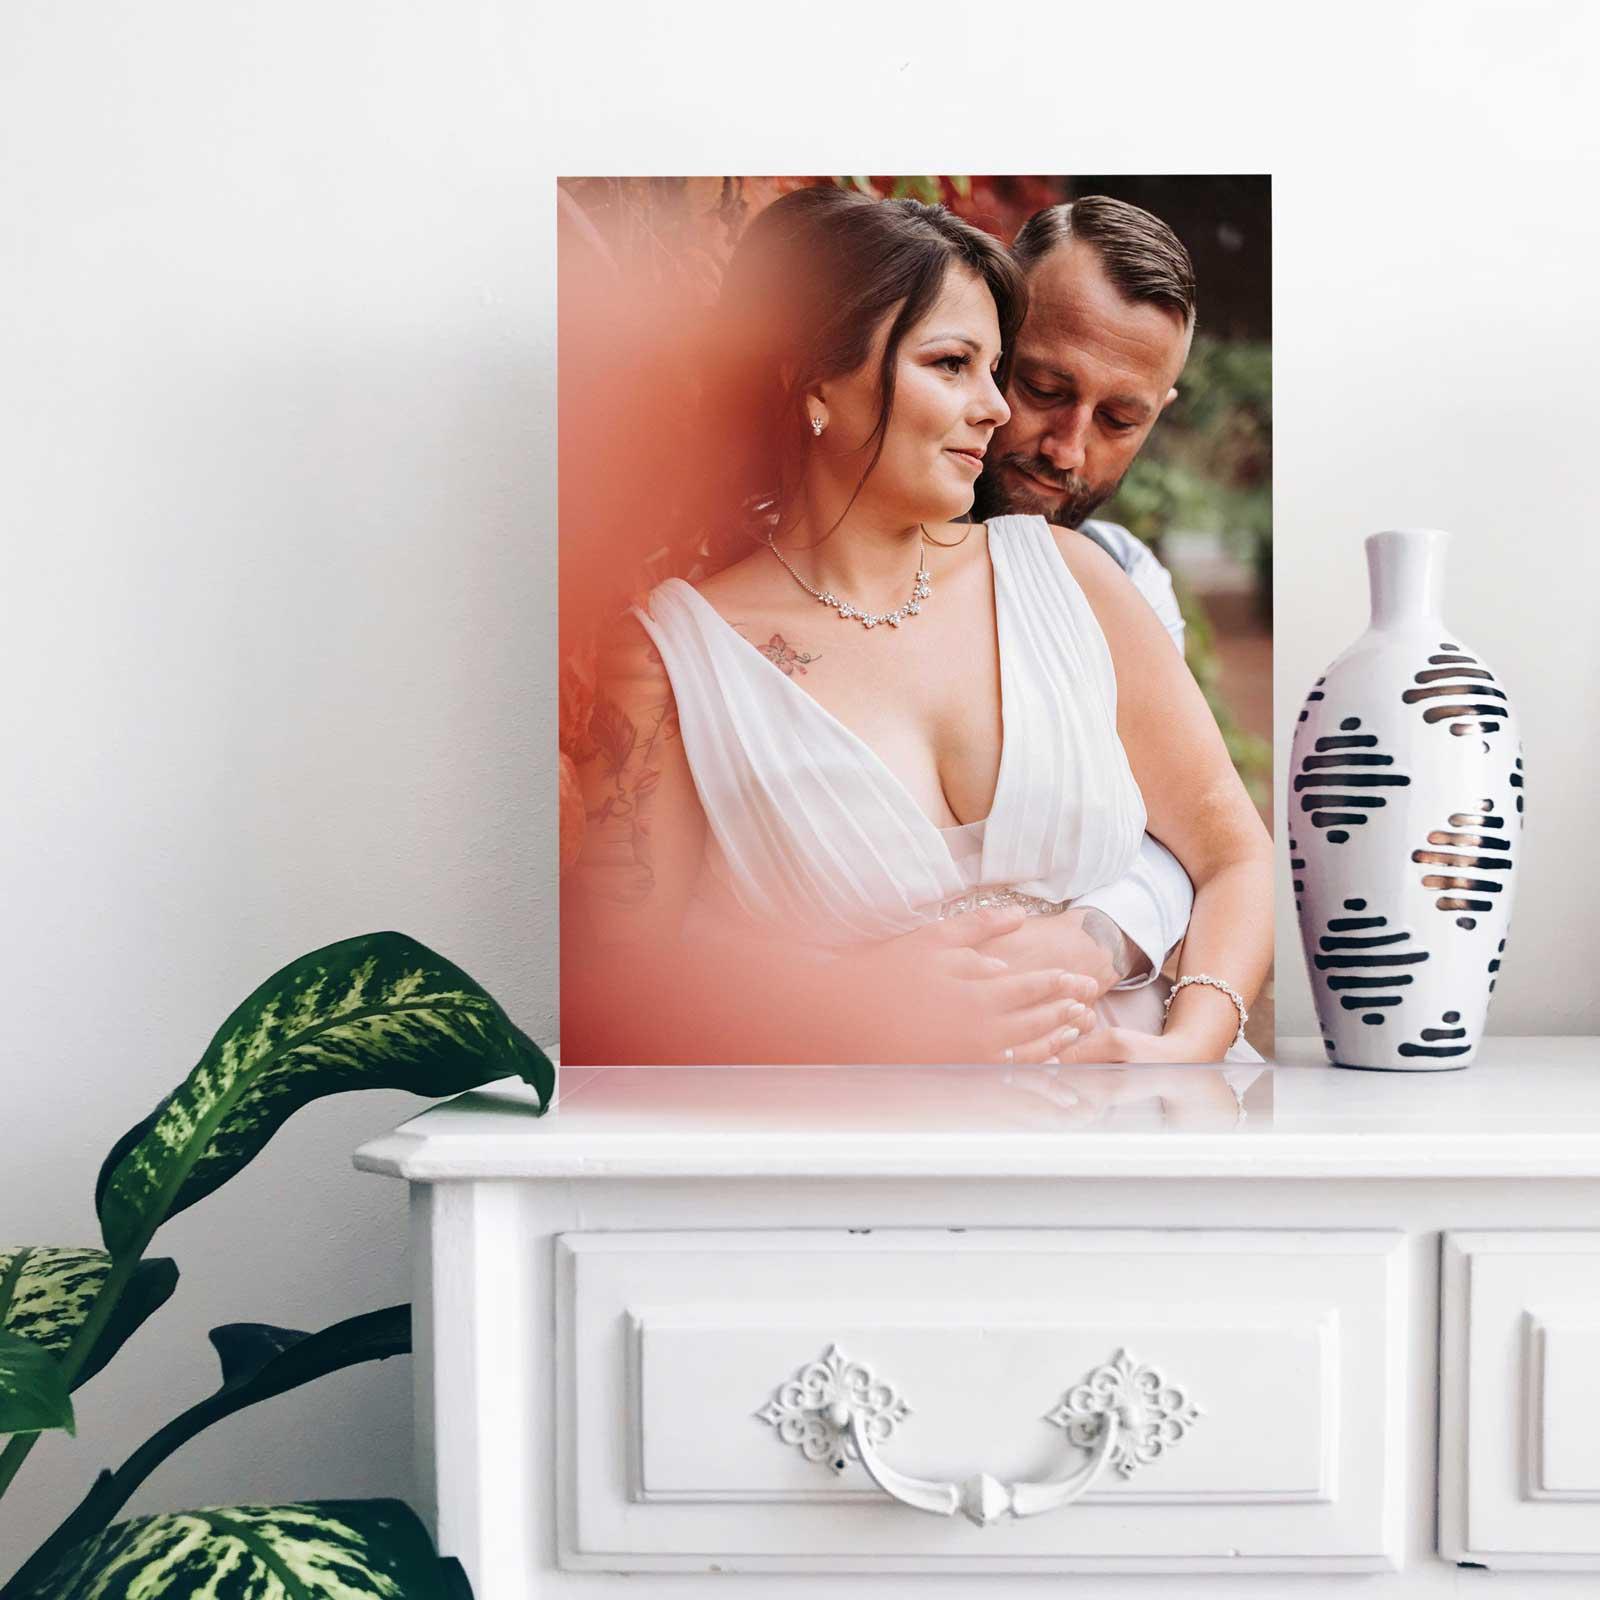 Hochzeitsfoto von Brautpaar ausgedruckt